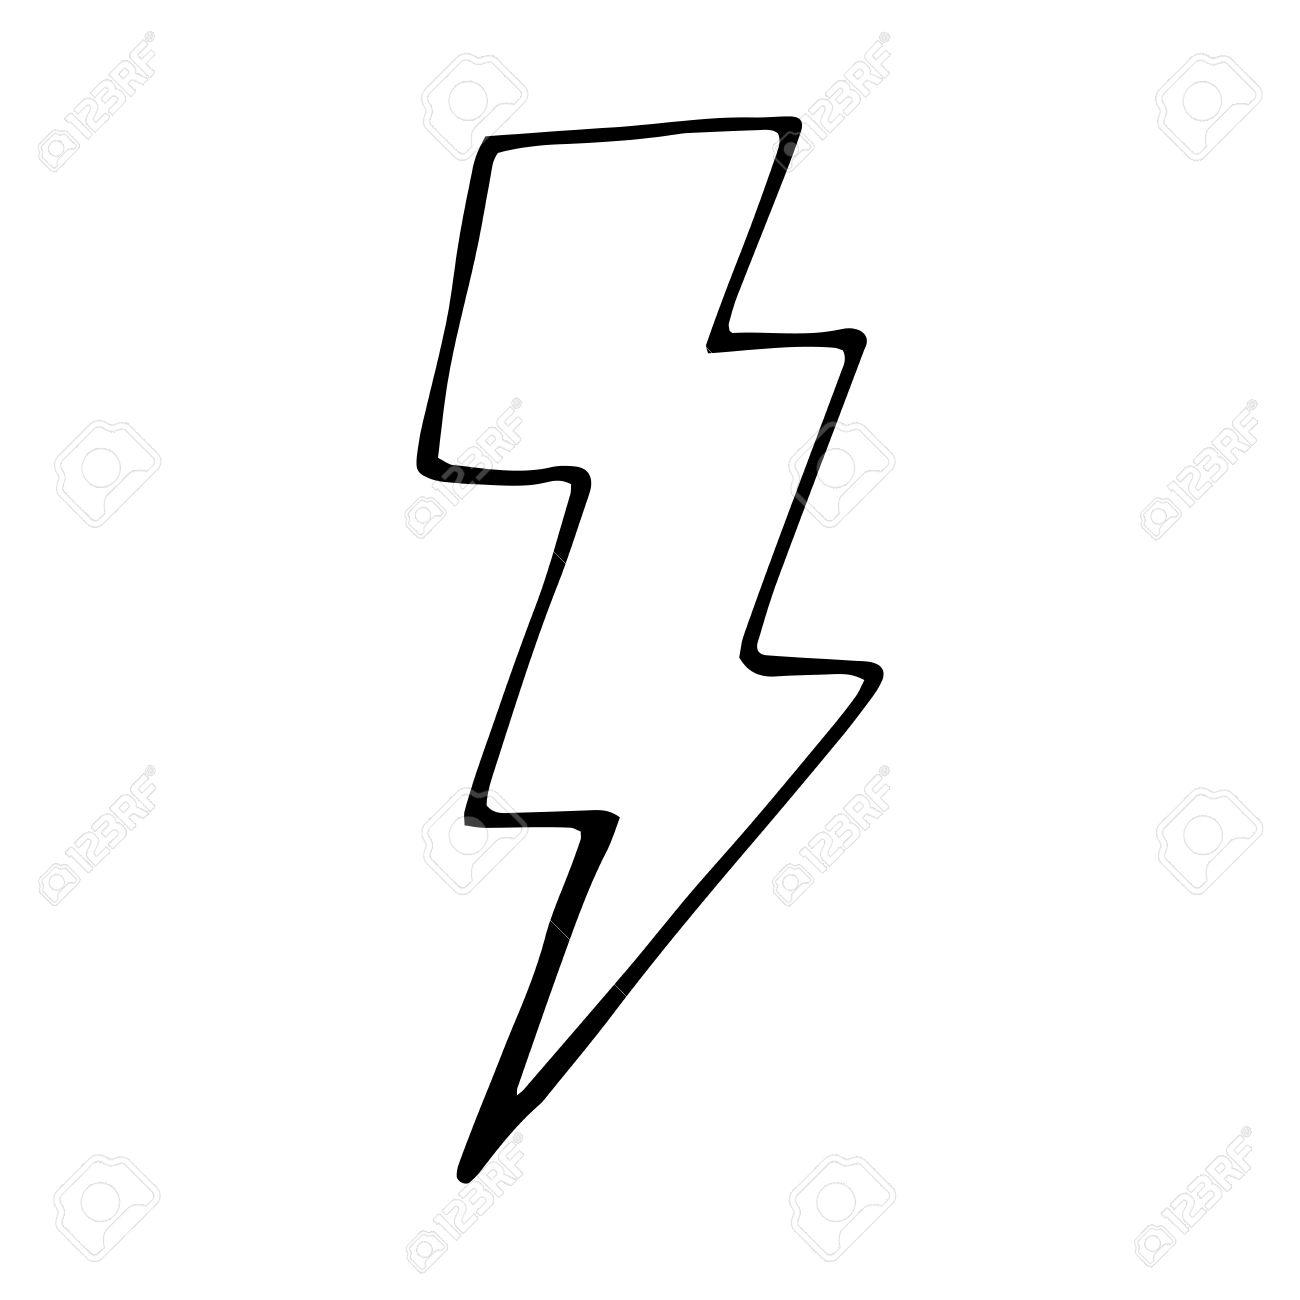 1300x1300 Drawn Lightning Lightning Bolt